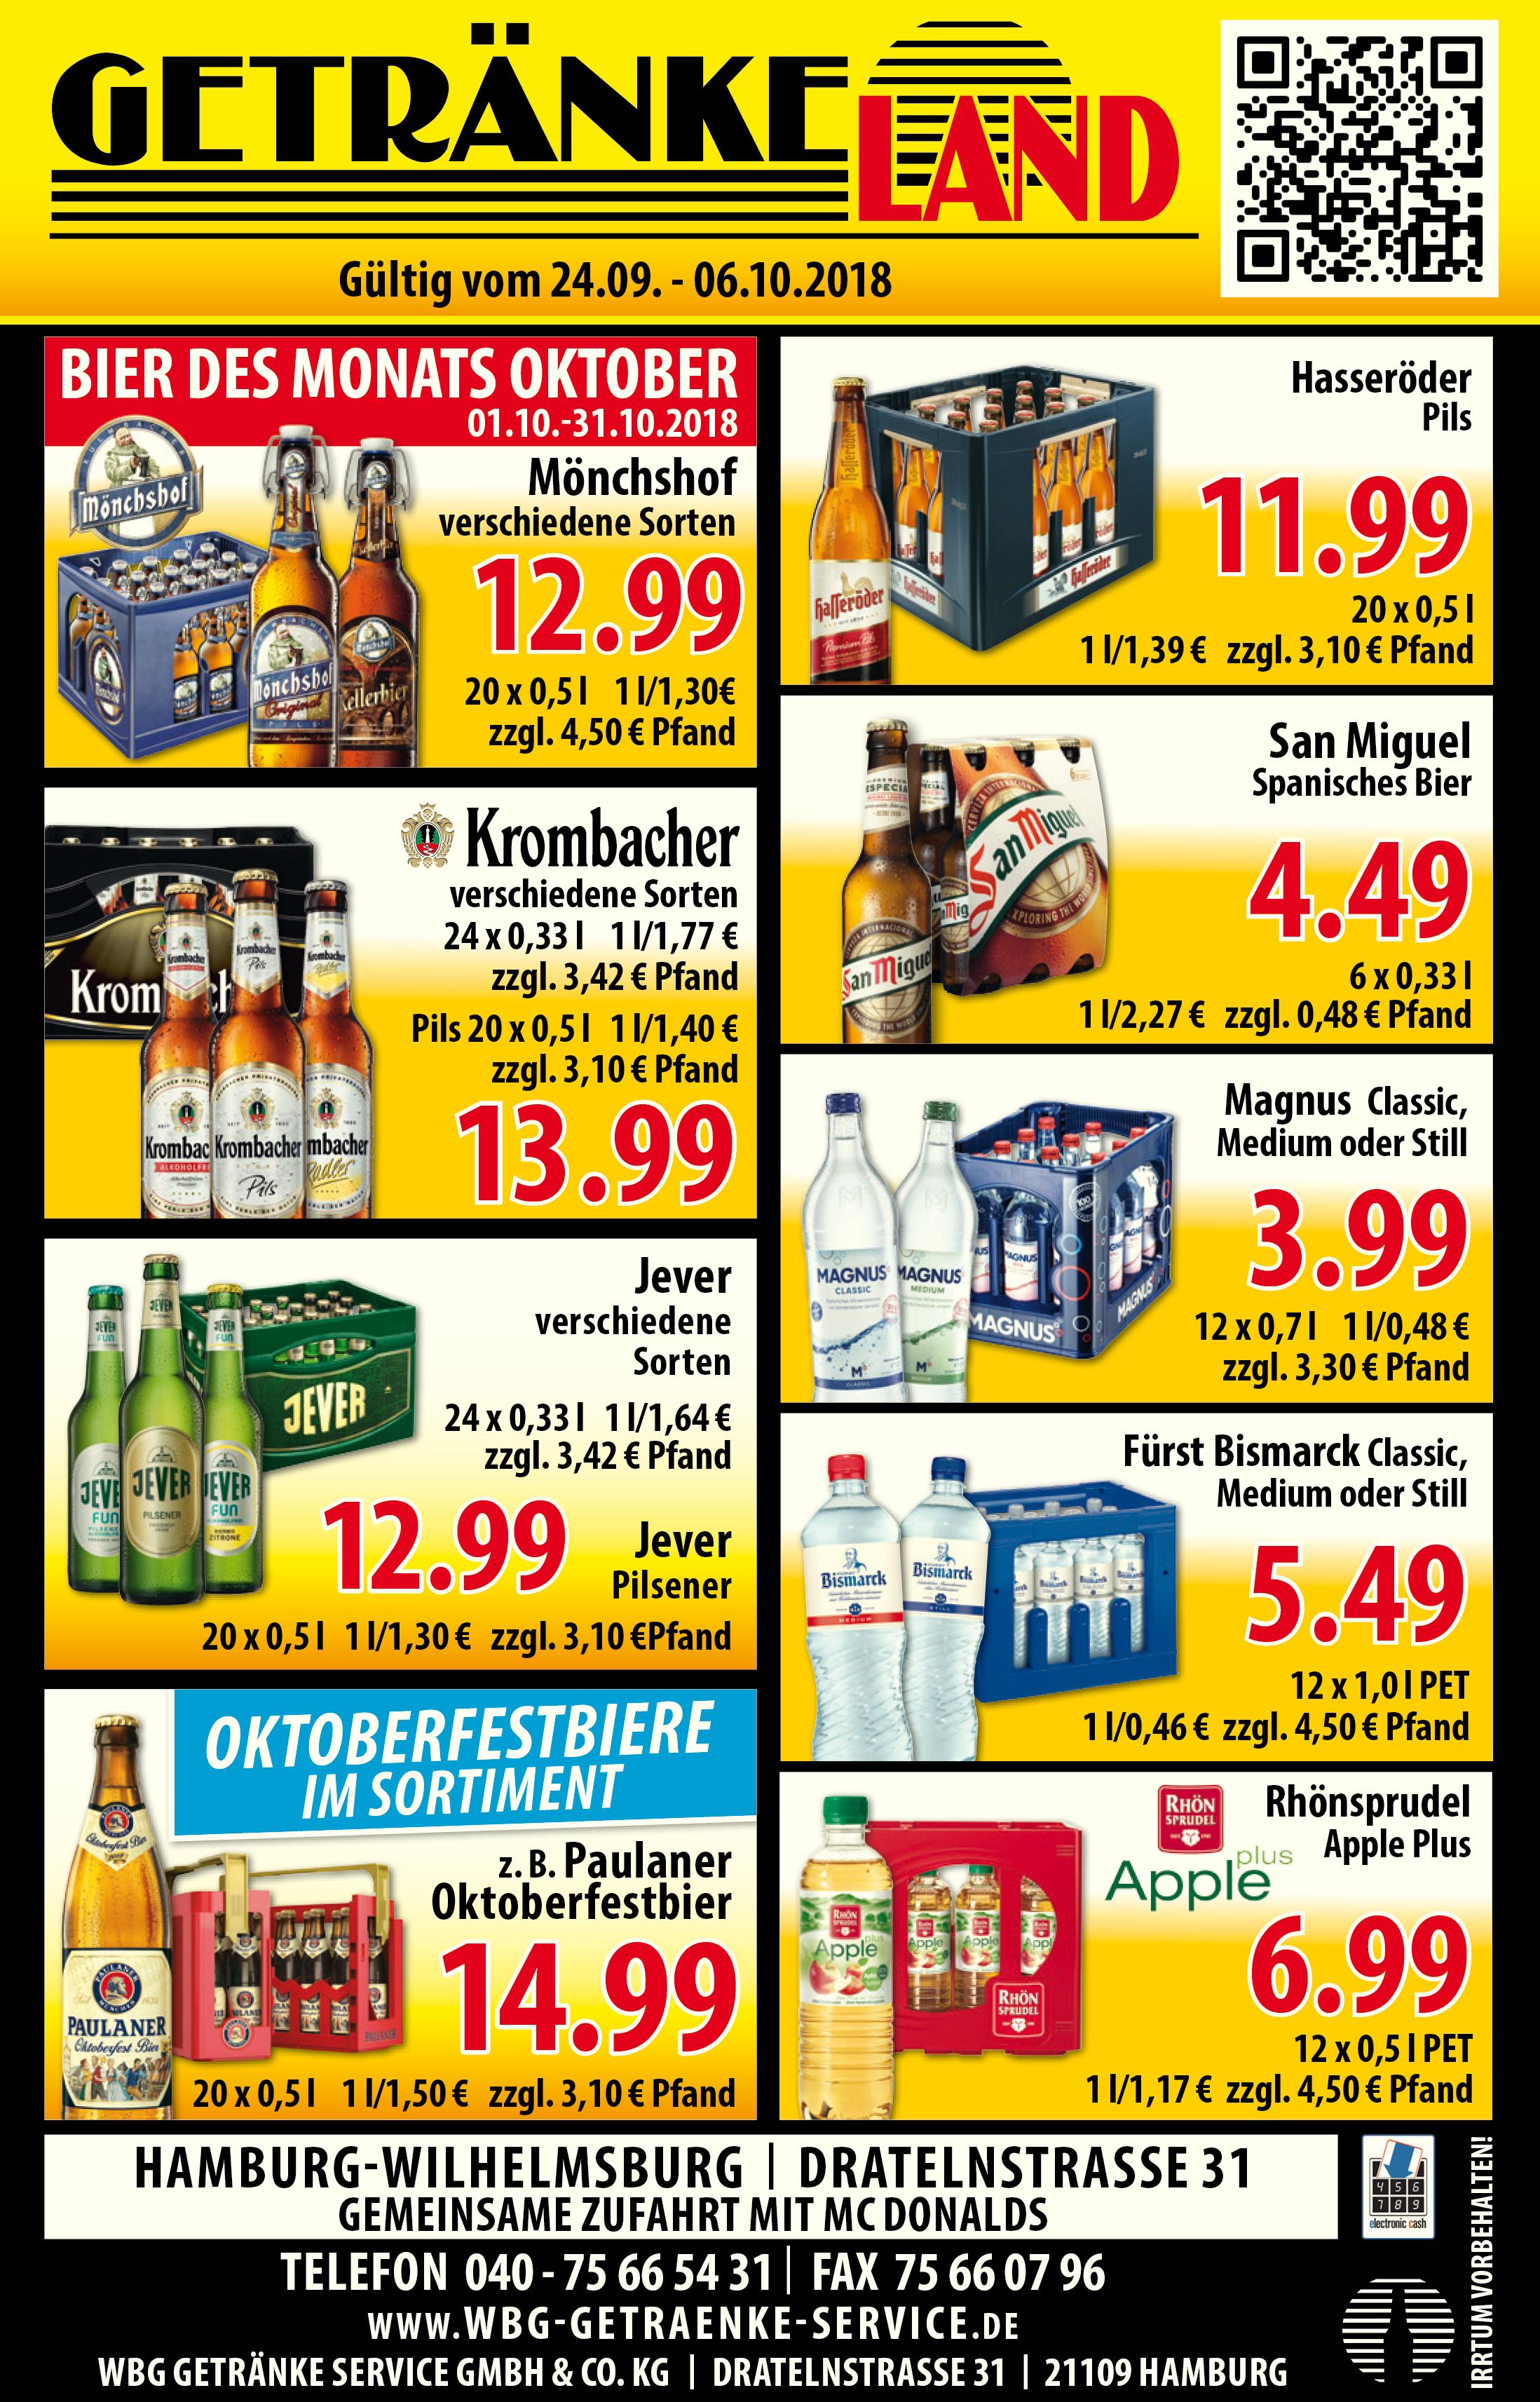 Angebote/Werbung « WBG Getränke Service GmbH & Co.KG